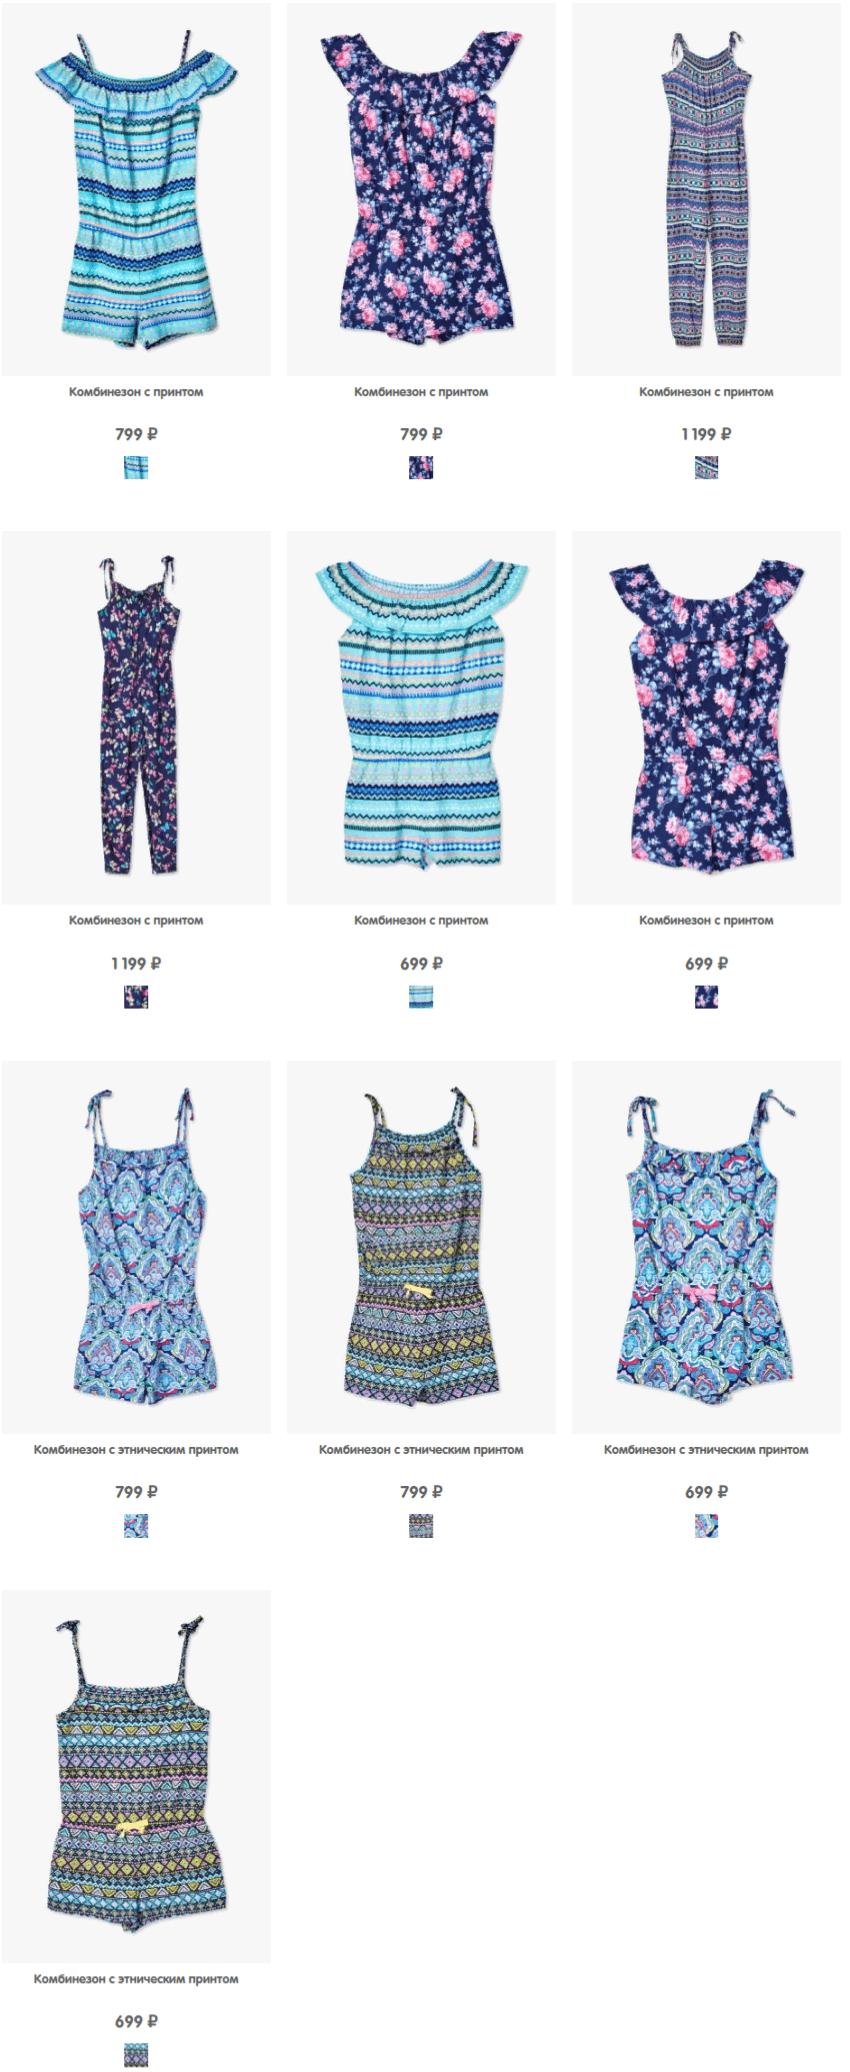 Комбинезоны для девочек в интернет-магазине одежды Funday